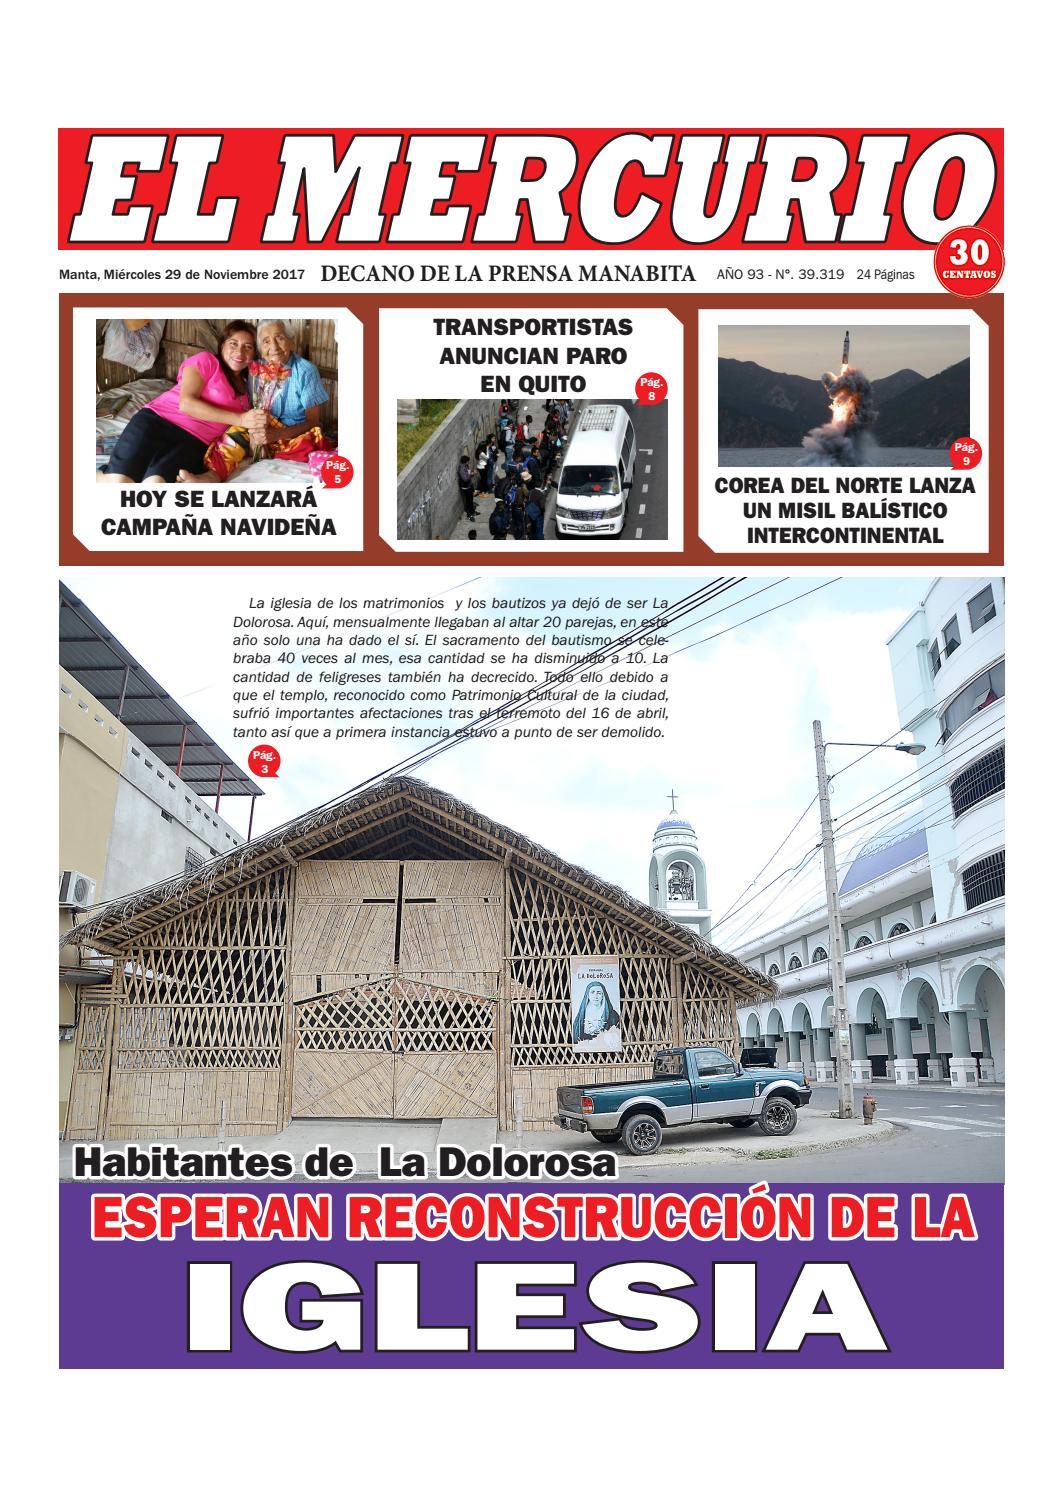 MIERCOLES 29 DE NOVIEMBRE 2017 by Diario El mercurio - issuu